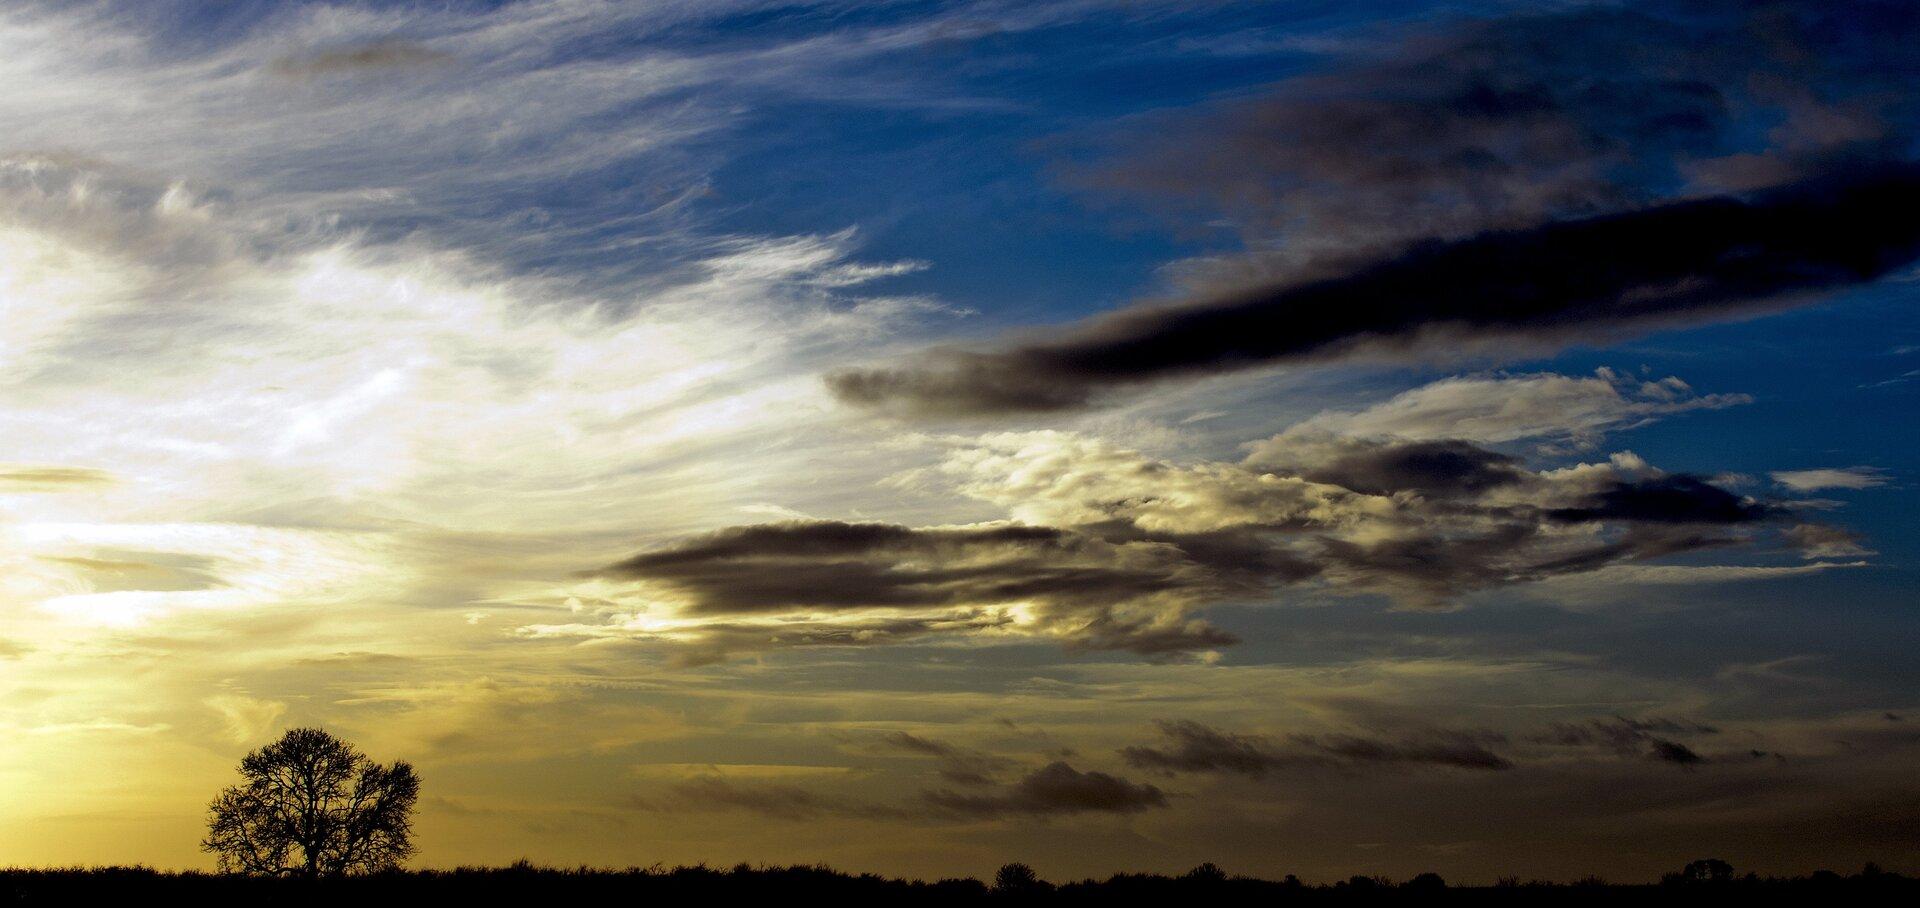 Panoramiczne zdjęcie krajobrazowe, którego głównym tematem jest niebo. Ziemia zajmuje bardzo niewielki obszar wzdłuż dolnej krawędzi kadru ijest przedstawiony wpostaci ciemnej sylwetki. Po lewej stronie na wysokość nie większą niż jedna piąta wysokości sceny nad linię horyzontu wystaje sylwetka samotnego drzewa pozbawionego liści. Niebo wgórnej części kadru ma barwę niebieską, przechodzącą wżółć poranka wlewym dolnym rogu. Prawa strona kadru ciemniejsza. Chmury białe iskłębione pojedyncze ciemne wypełniają większą część sceny.